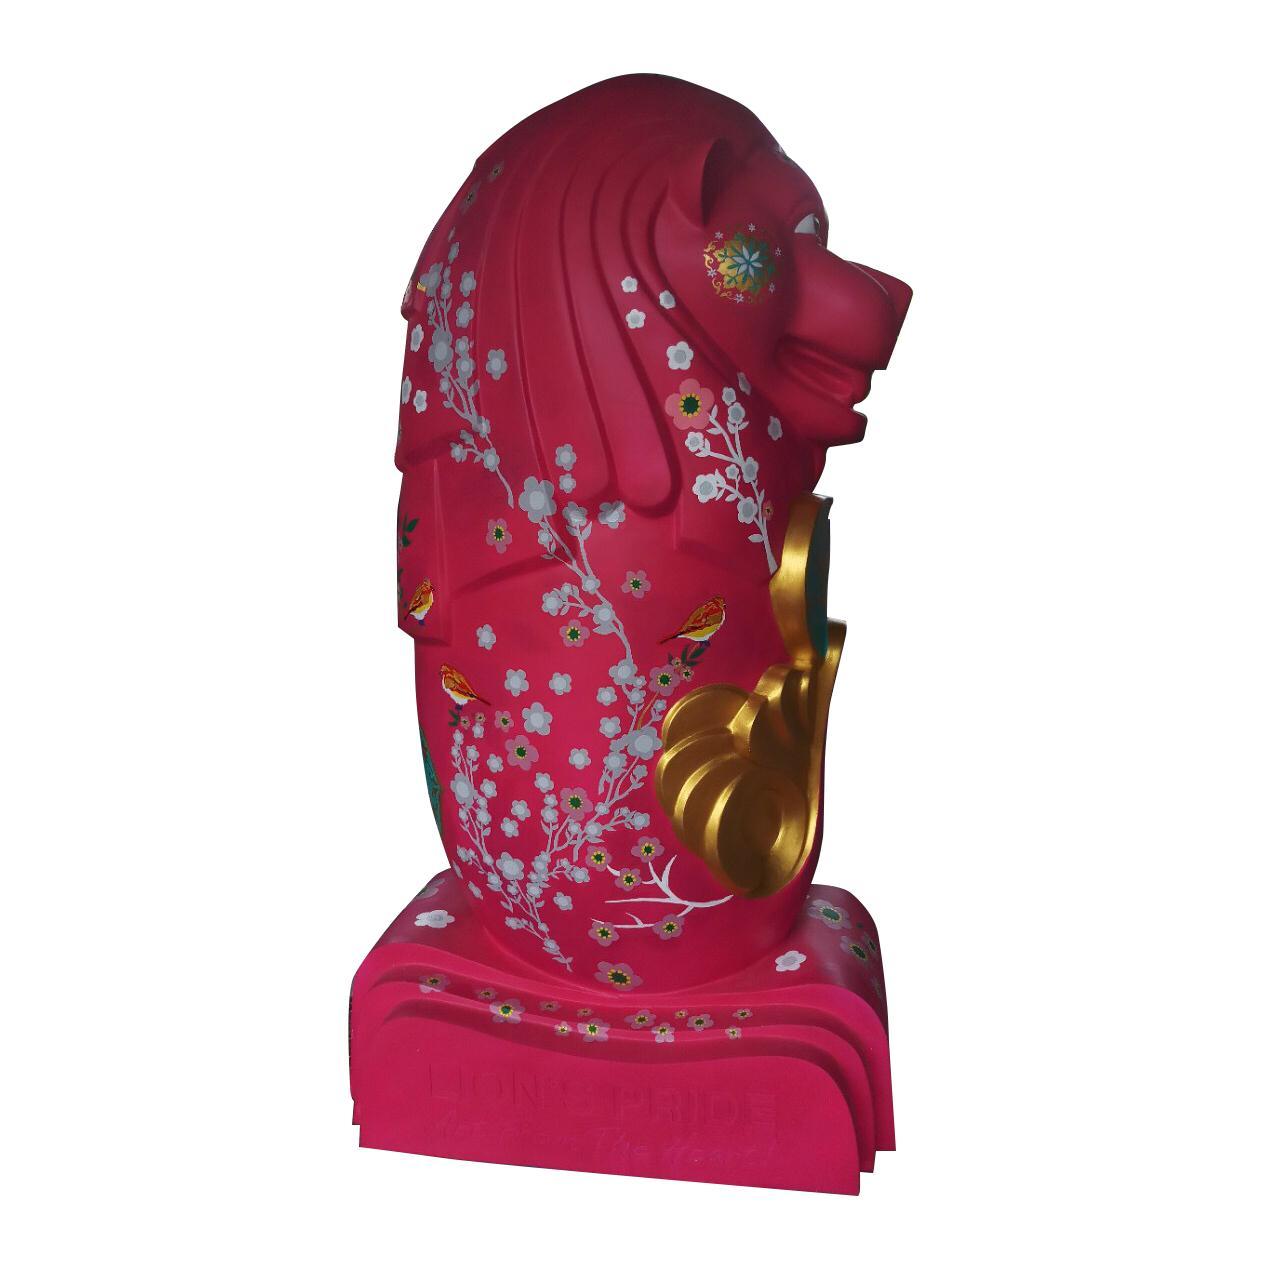 Tượng mô hình sư tử làm từ composite cao cấp